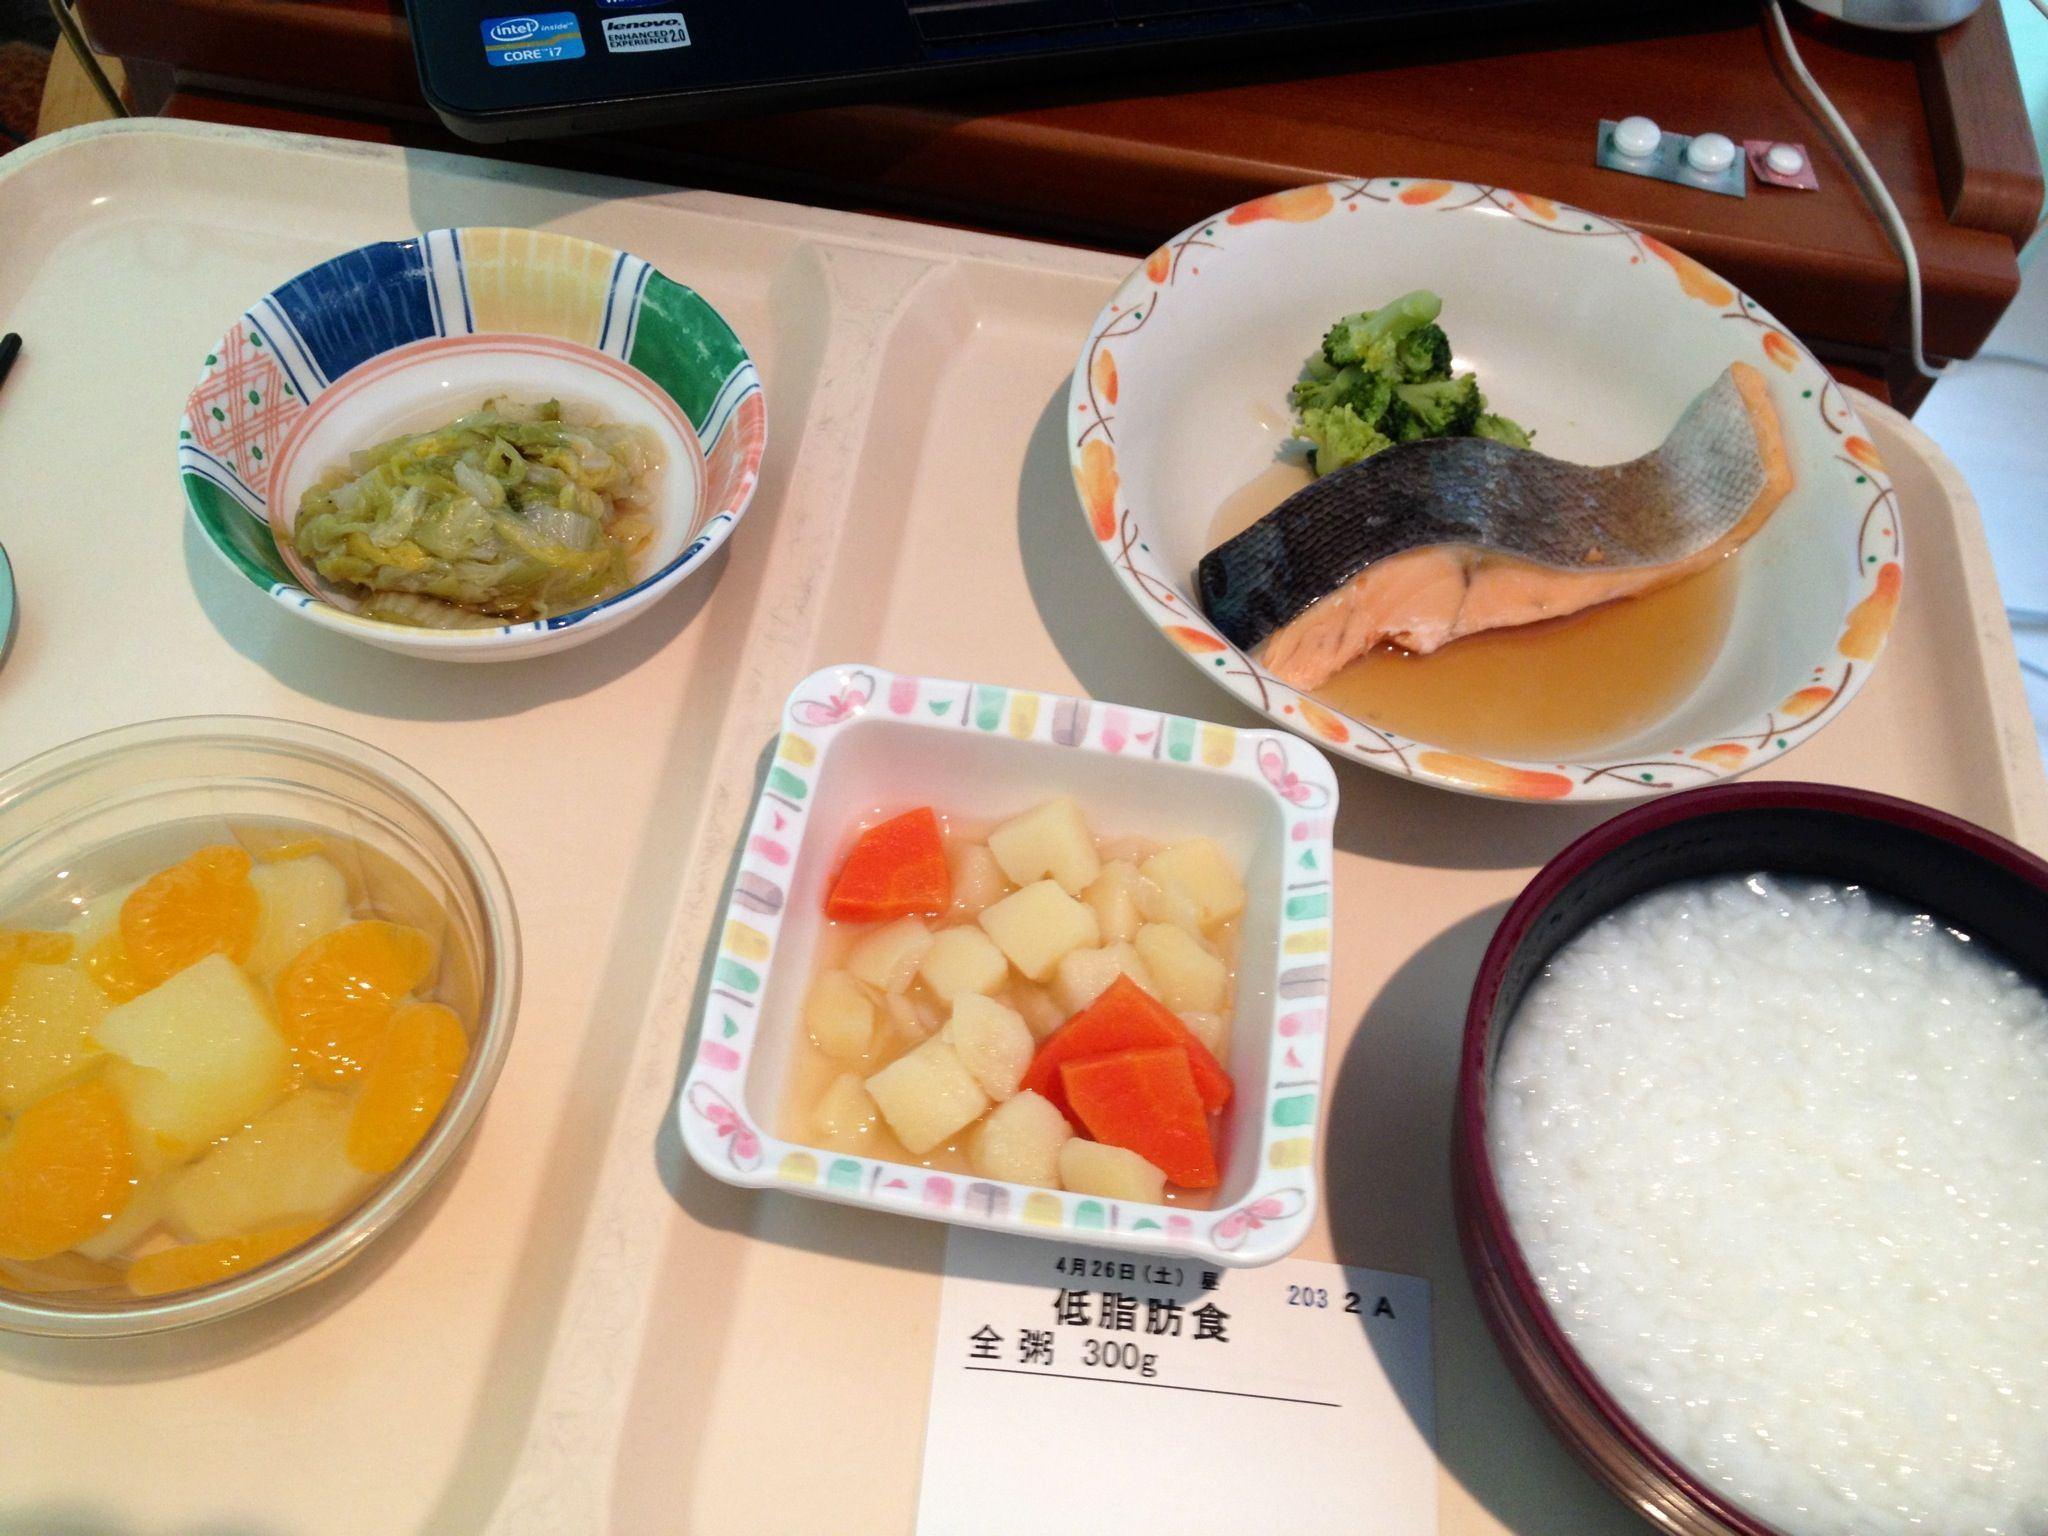 土曜日の昼の病院食